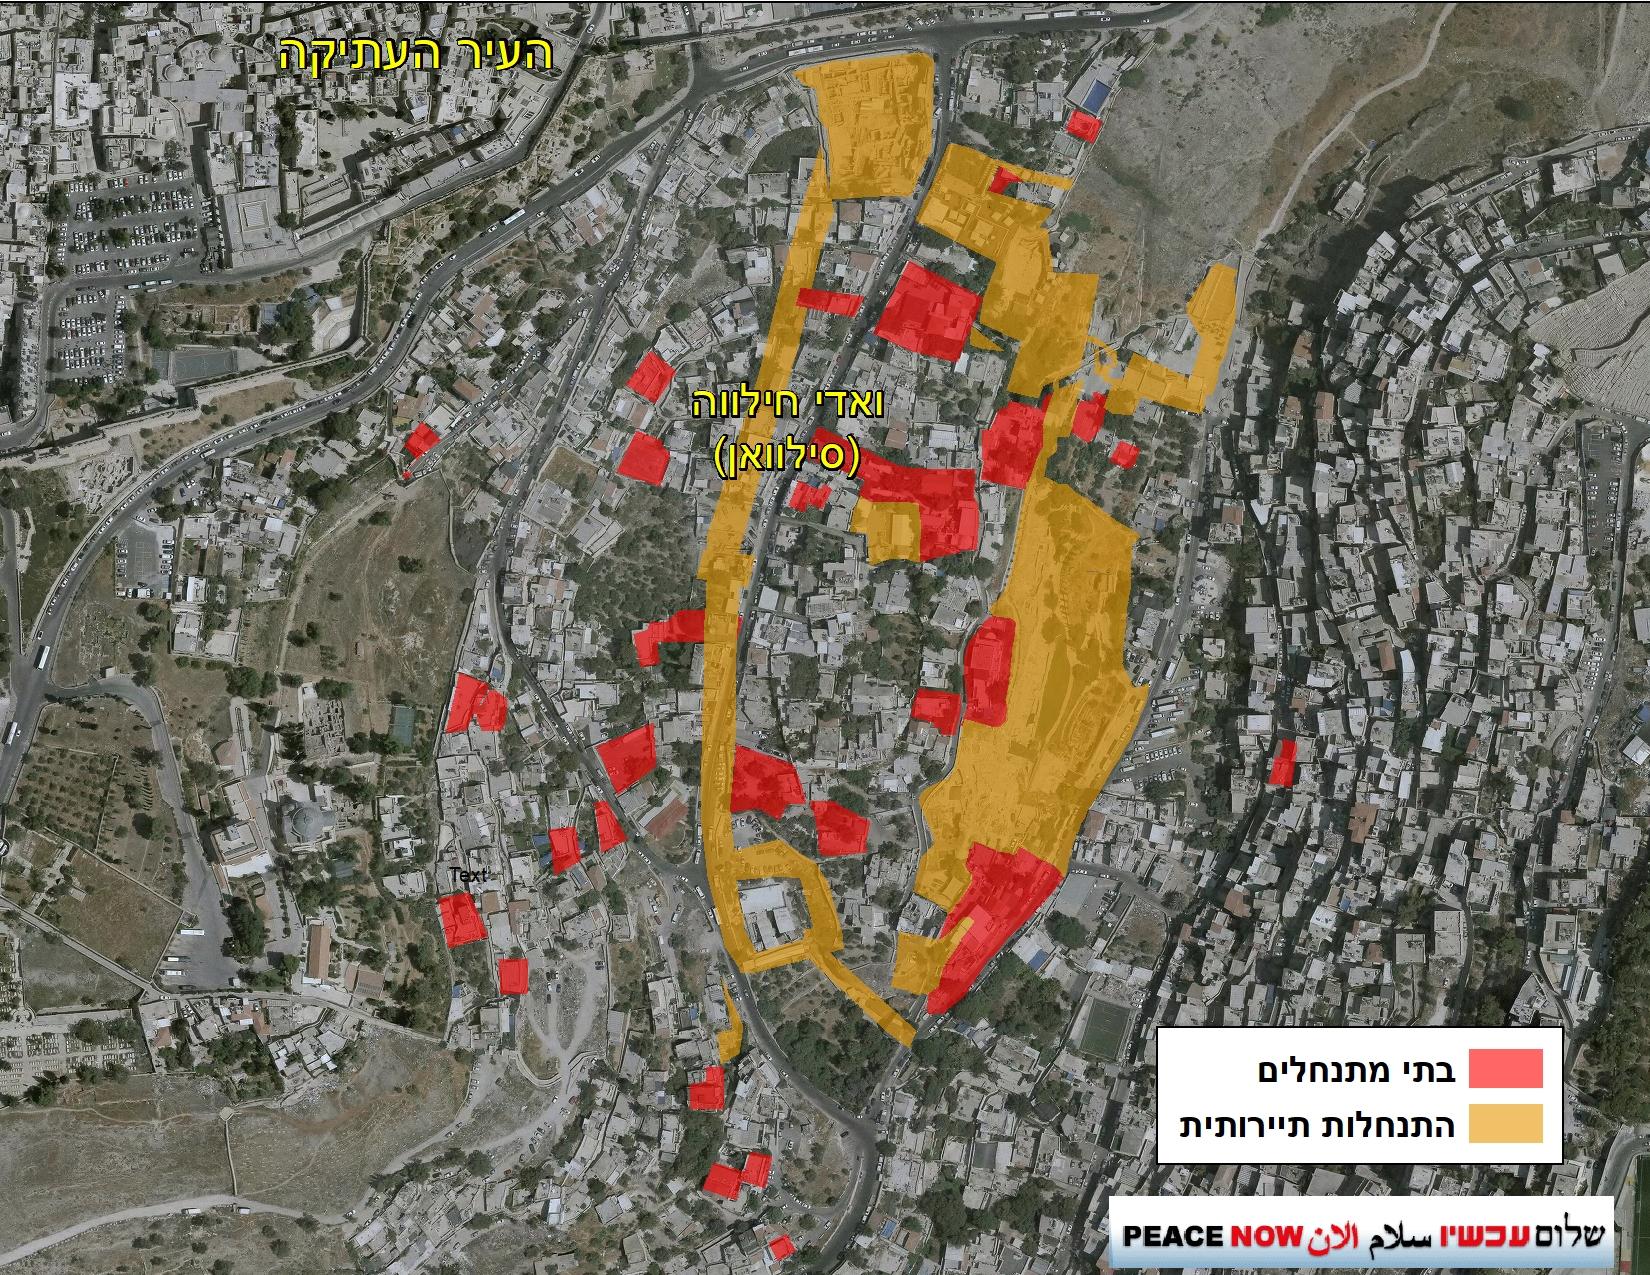 מפת בתים בסילוואן נכון לספטמבר 2020